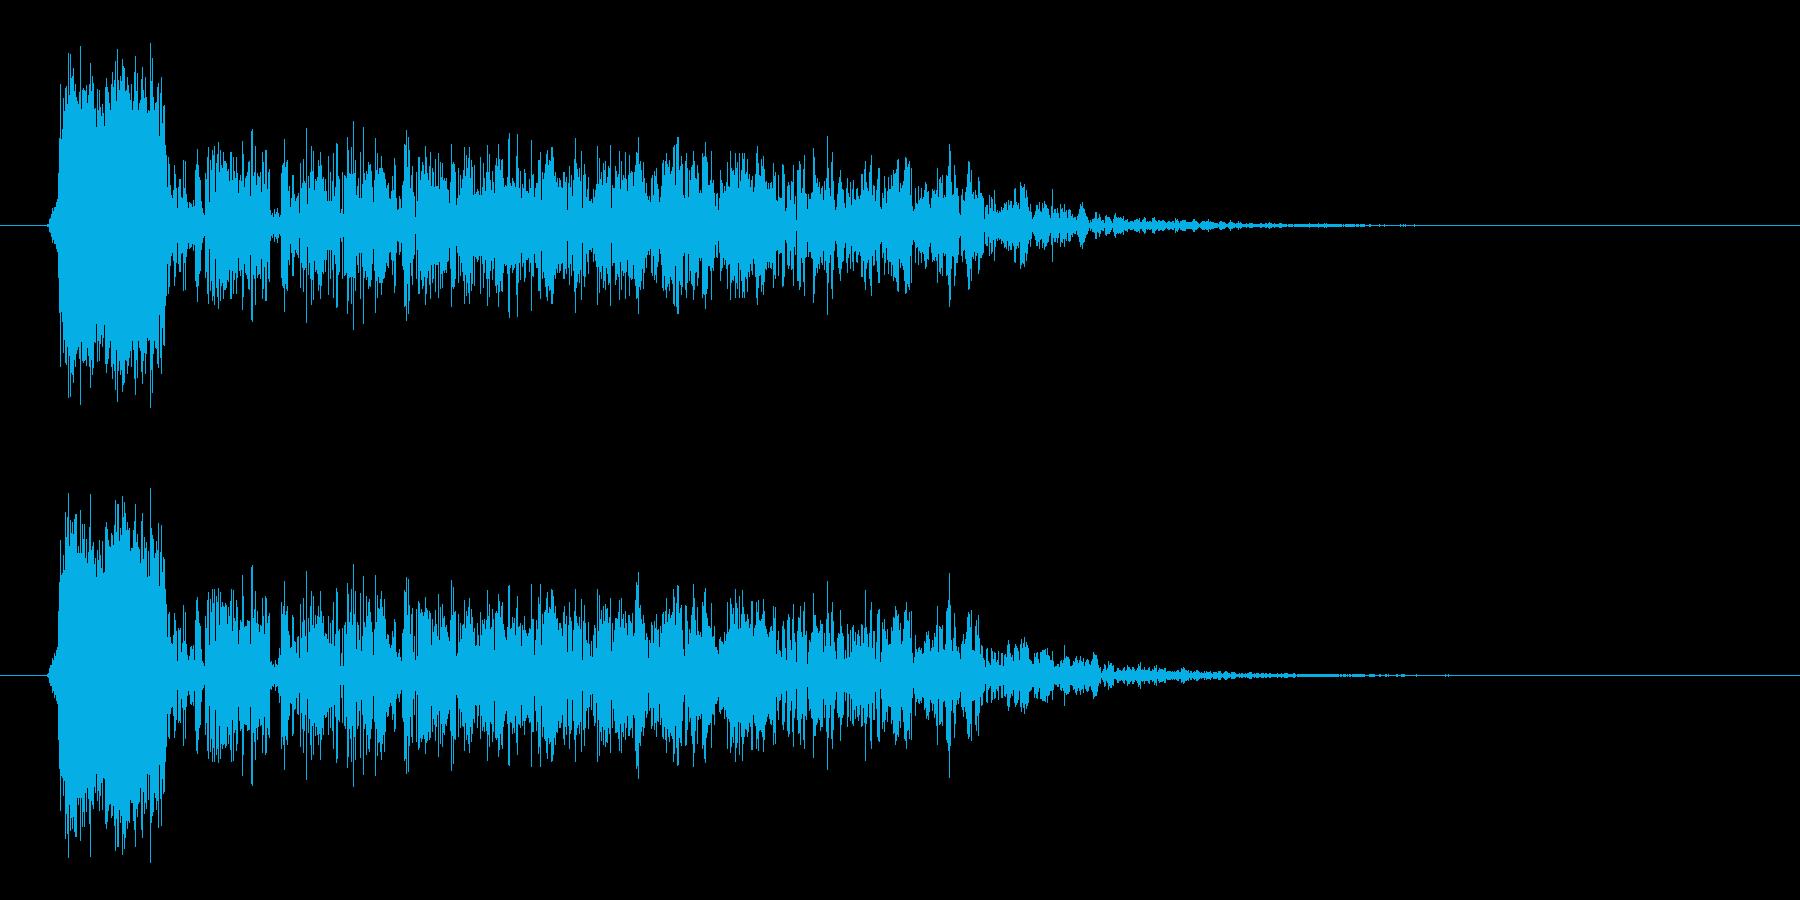 ジャー、ヒューン(何かが変化する衝撃音)の再生済みの波形